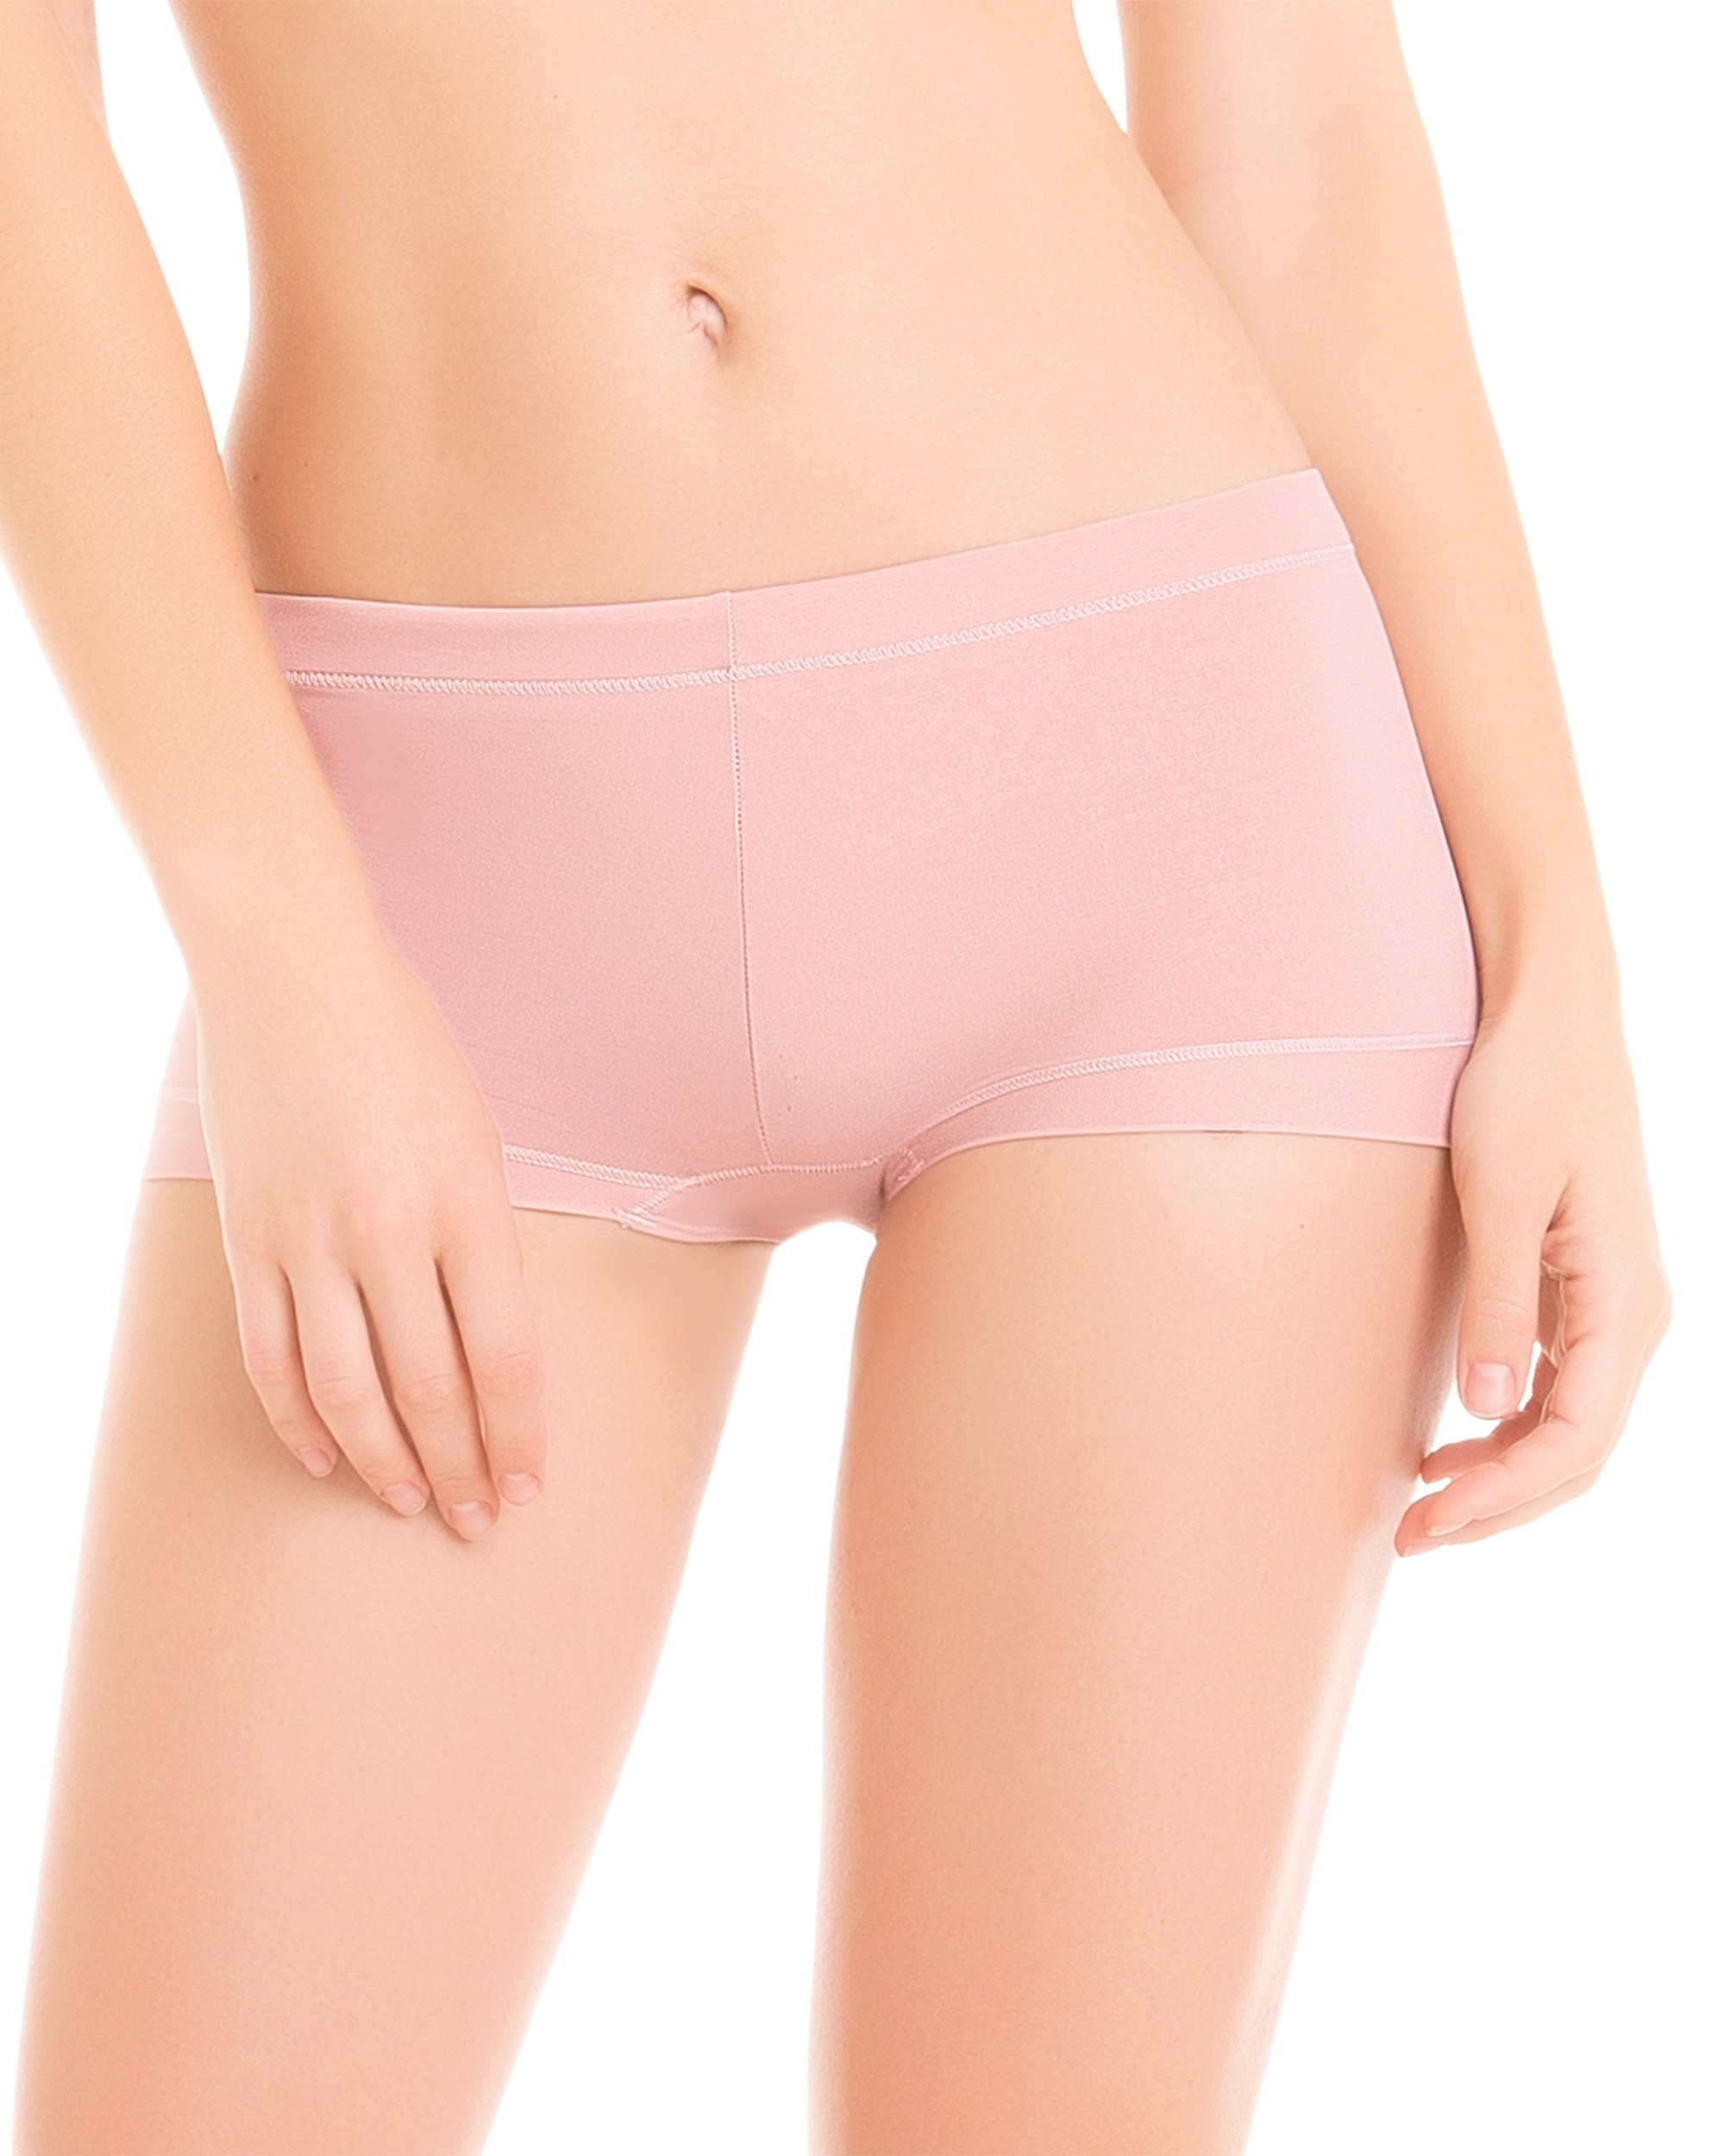 1407 Boxer Ilusion Catalogo Ilusion Verano 2021 Pag 56 Rosas Xi Pantalones Cortos Para Mujer Boxers Mujer Boxer